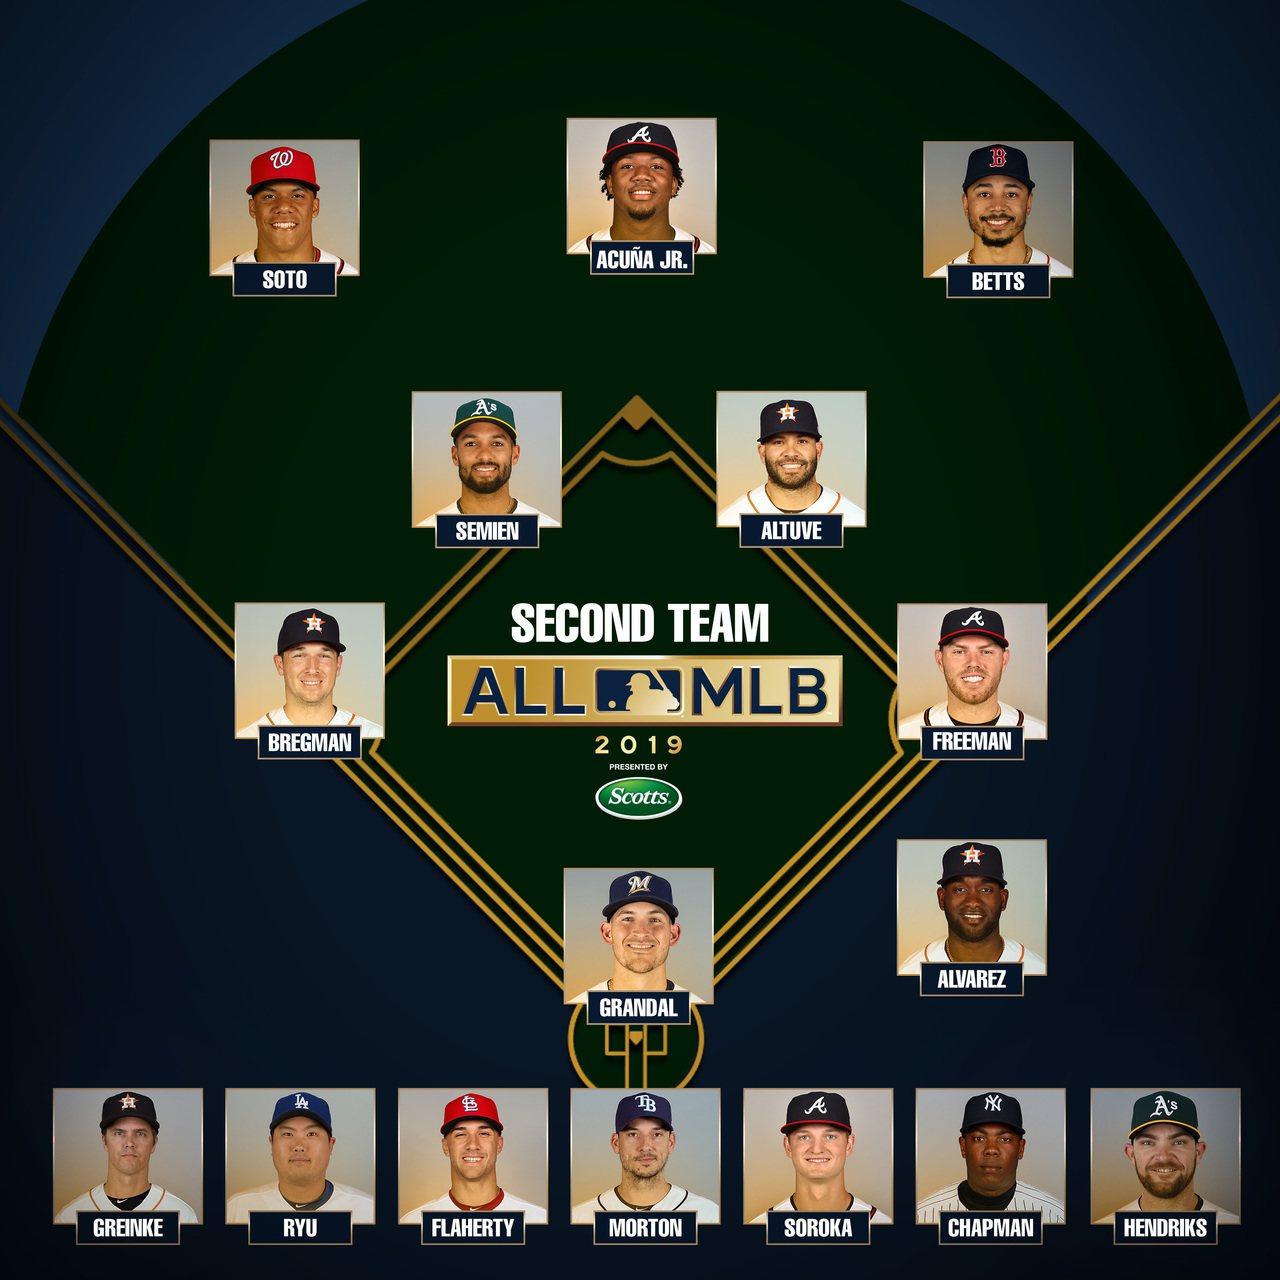 年度第二隊名單。 截圖自MLB官方推特